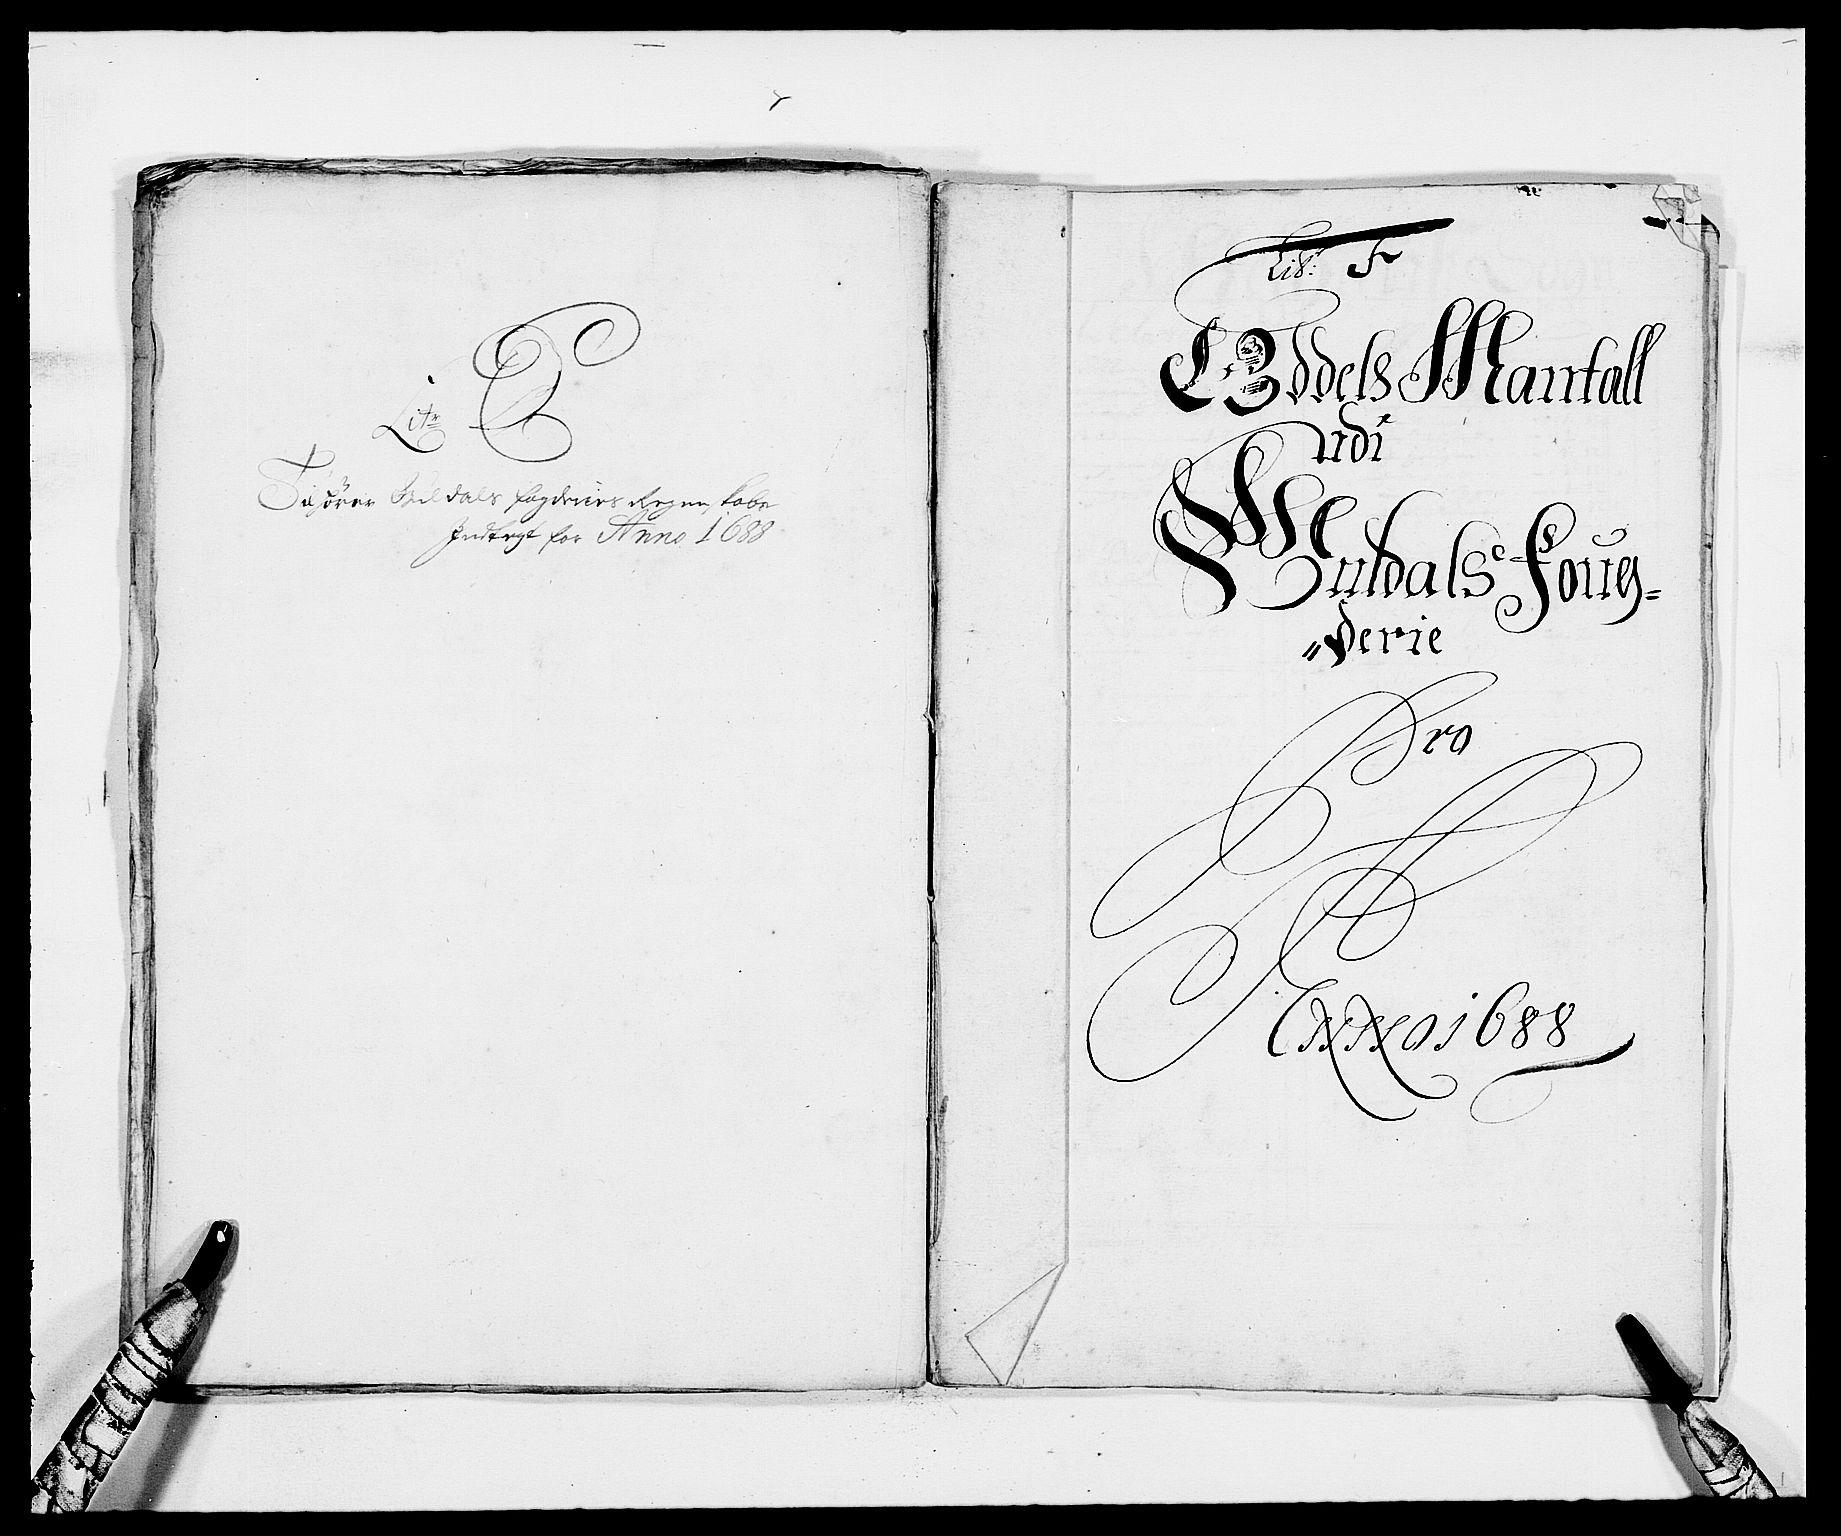 RA, Rentekammeret inntil 1814, Reviderte regnskaper, Fogderegnskap, R59/L3939: Fogderegnskap Gauldal, 1687-1688, s. 207